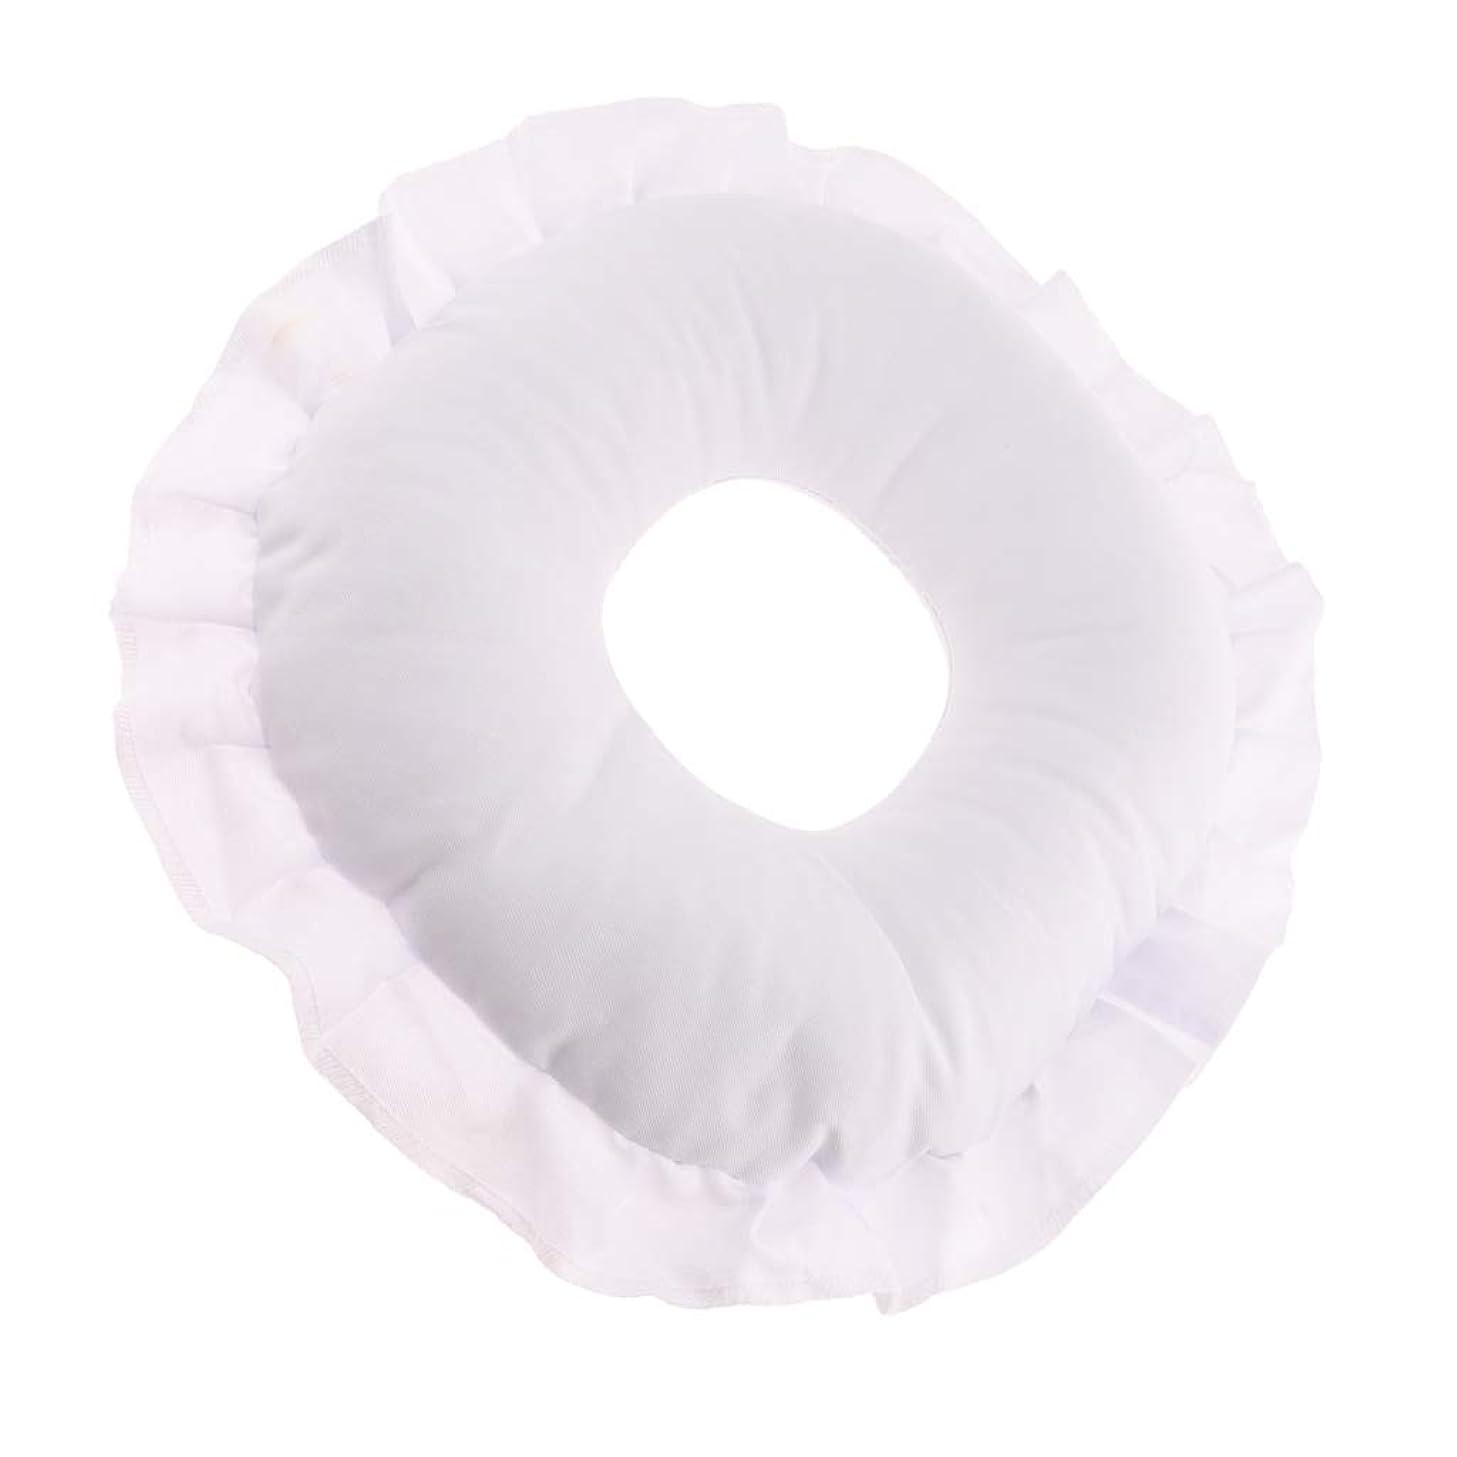 ワイプ啓示独占CUTICATE 全3色 フェイスピロー 顔枕 マッサージ枕 マッサージテーブルピロー 柔軟 洗えるカバー リラックス - 白